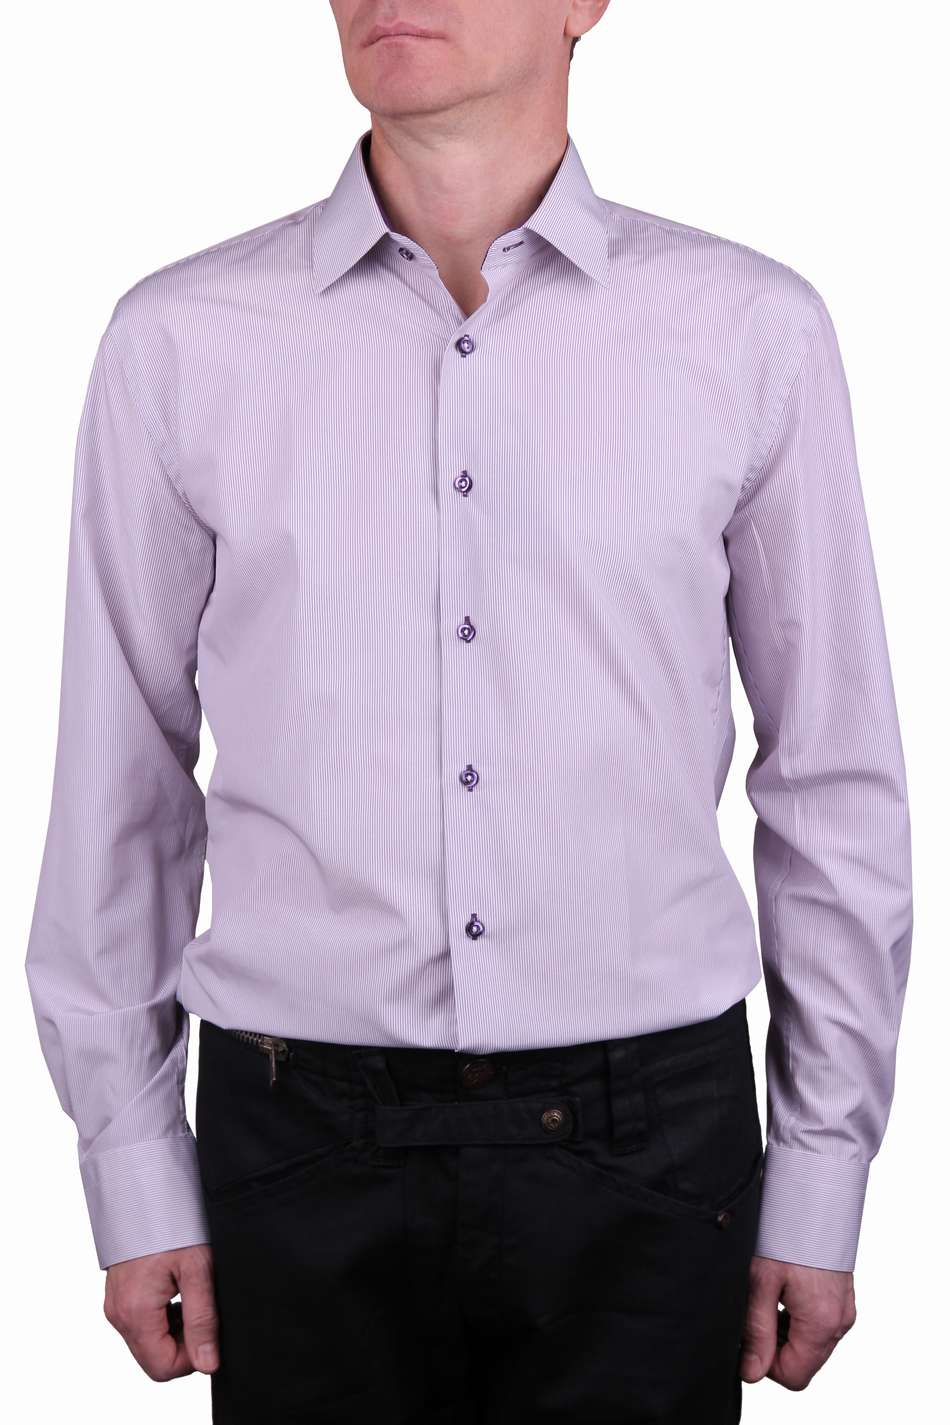 846d0e29bd26a12 Рубашки мужская сиреневая с фиолетовой полоской — Интернет-магазин ...